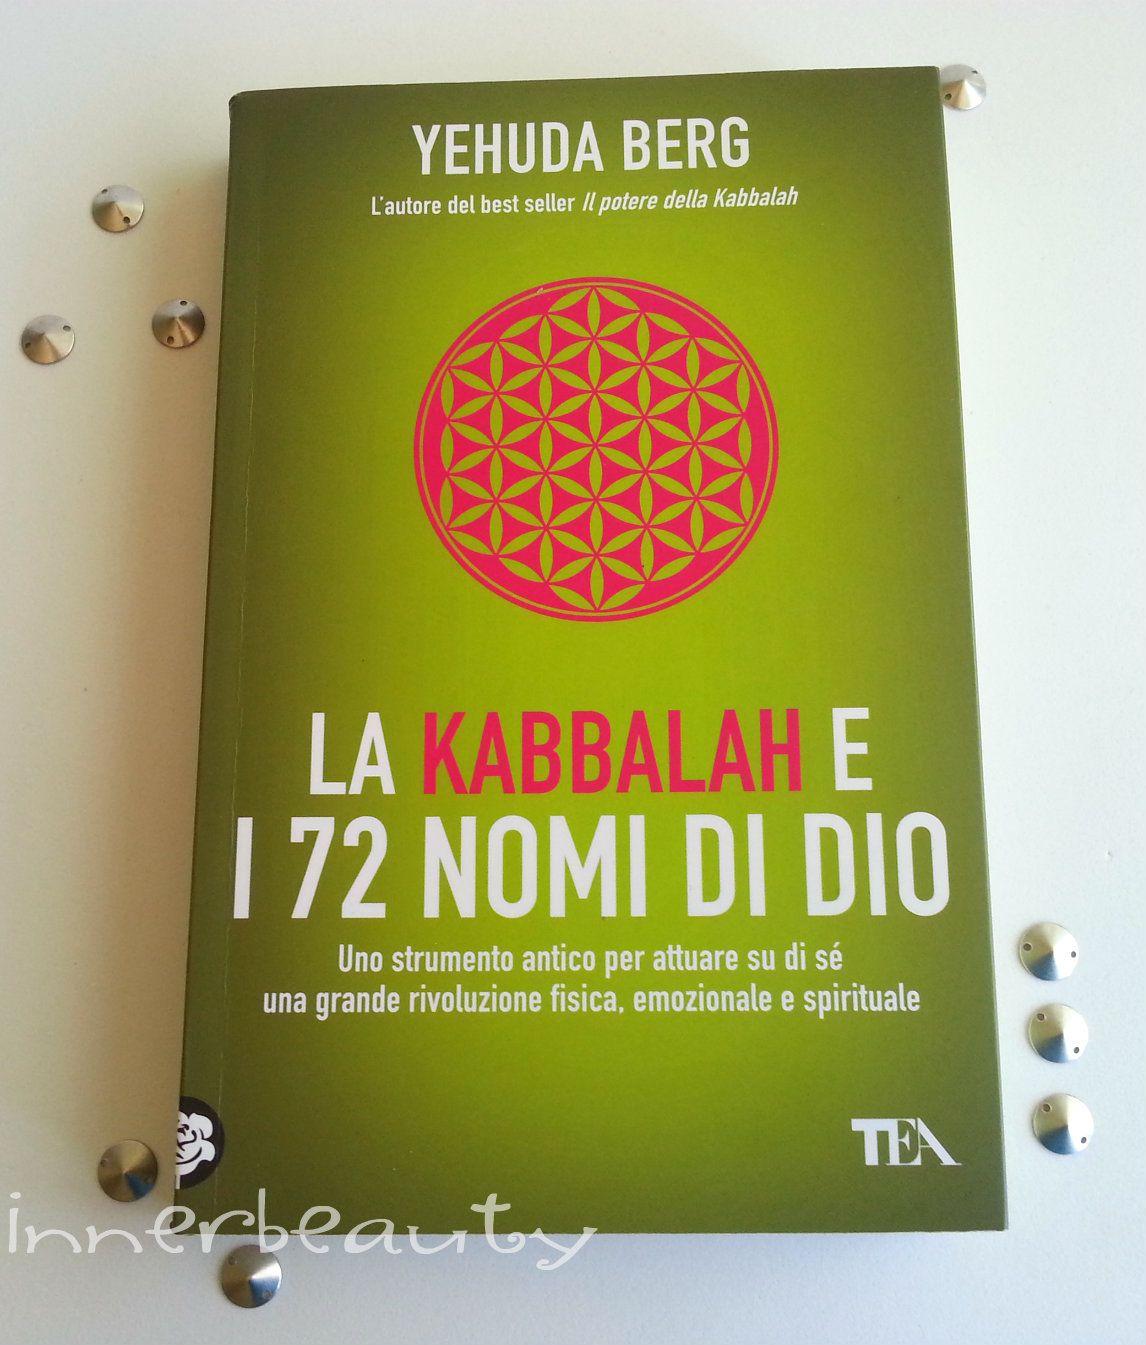 Vi parlo di un libro che rappresenta per me un potente strumento di conoscenza e soprattutto di meditazione! A presto! ;) http://blog.pianetadonna.it/innerbeauty/kabbalah-i-72-nomi-dio/   #kabbalah   #72nomidiDio   #yehuda_berg   #meditazione   #meditation